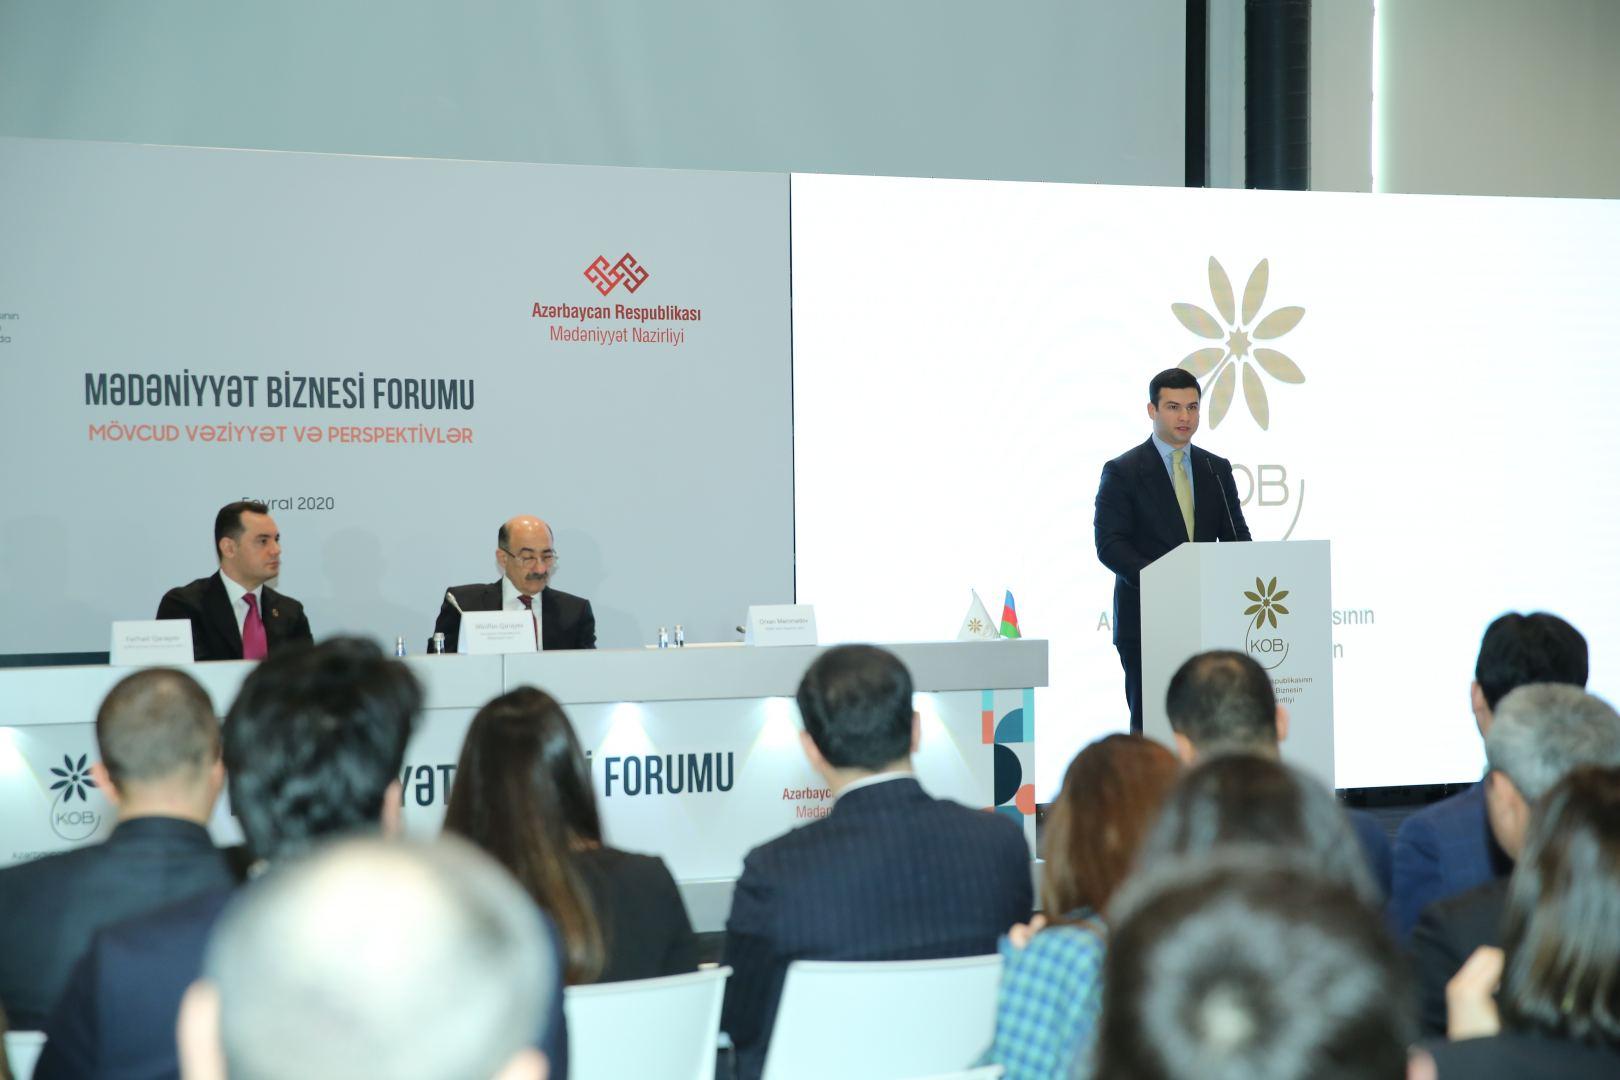 В Баку прошел форум по развитию бизнеса в сфере культуры и искусства (ФОТО) - Gallery Image